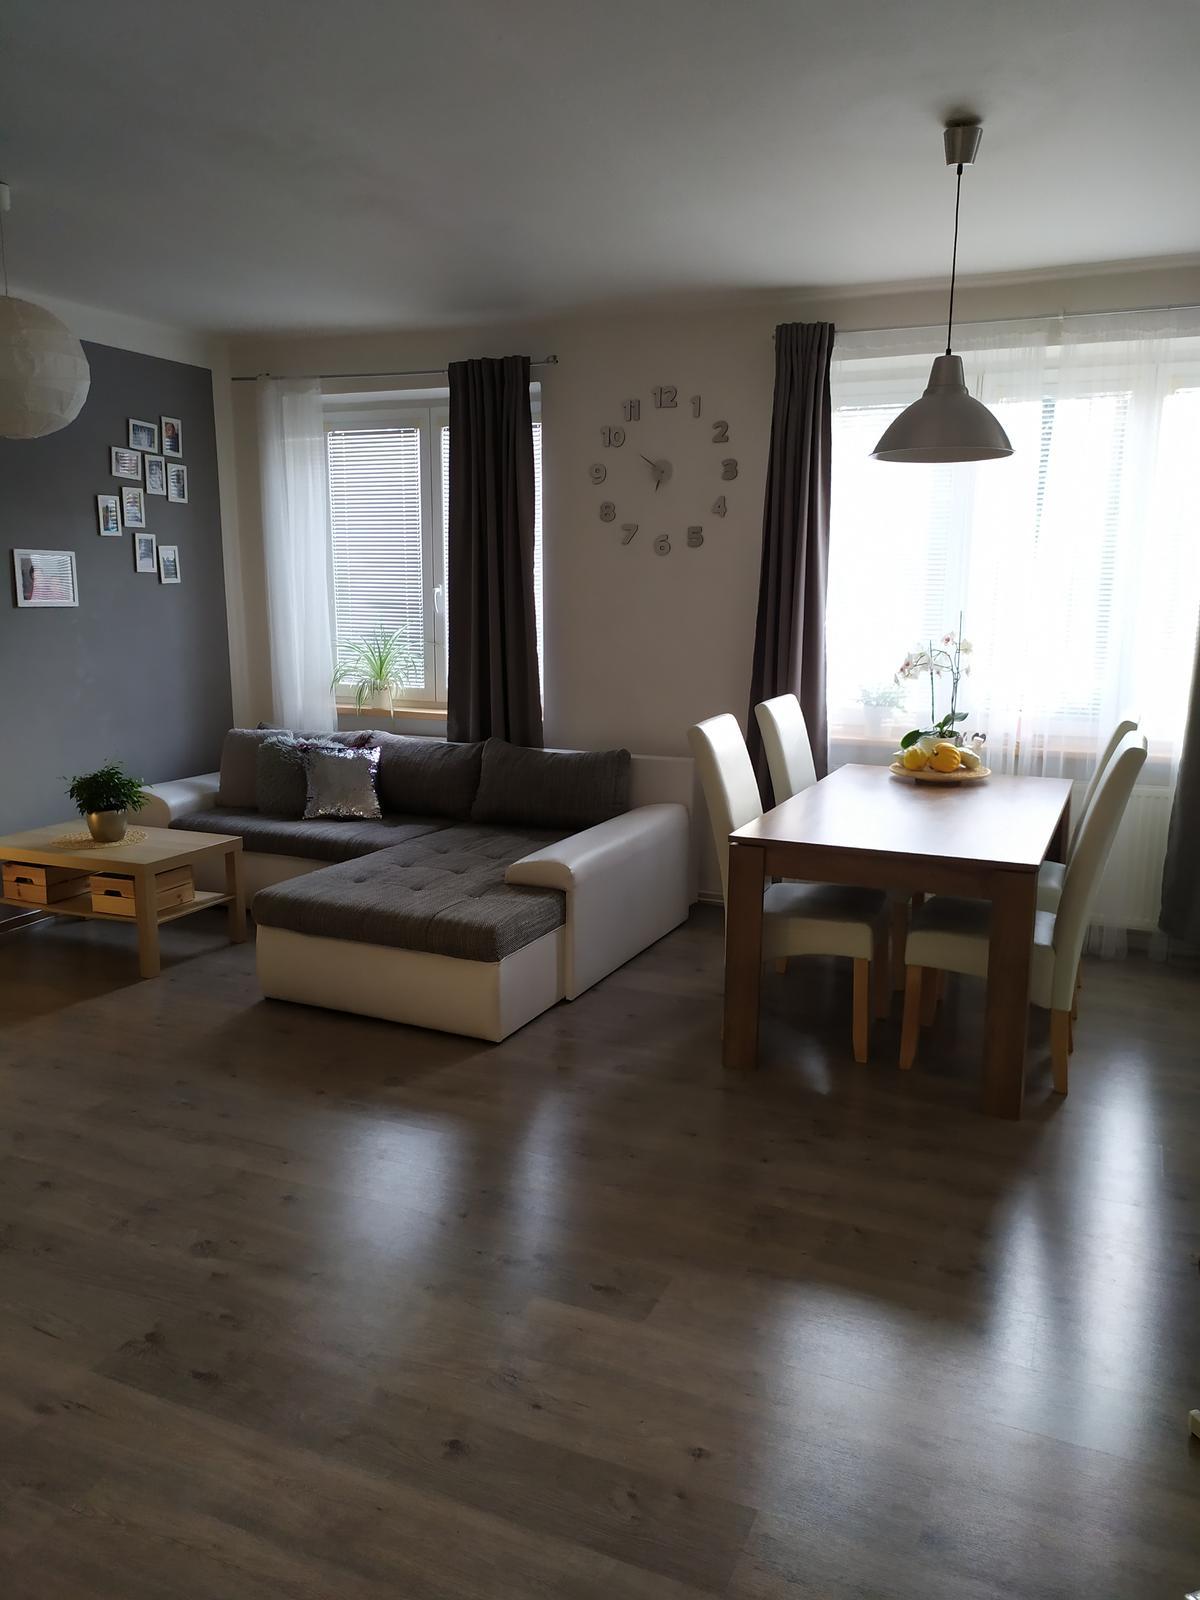 Poslední fotky z bytu, který opouštíme :-)